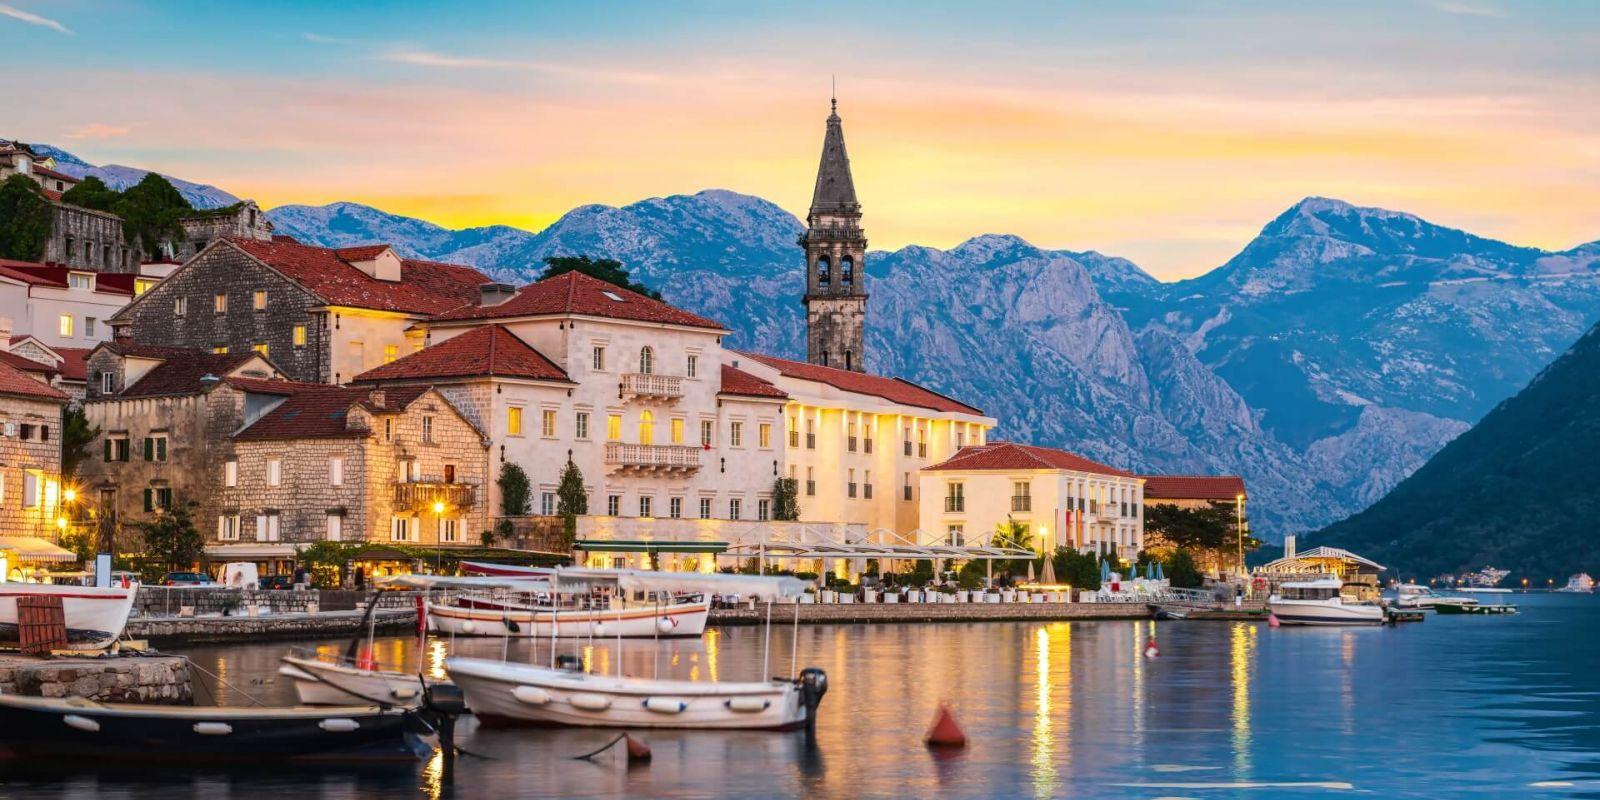 https://www.talamare.fr/medias/Coucher de soleil sur la ville historique de Perast dans la baie de Kotor lors d'une location de yacht au Montenegro